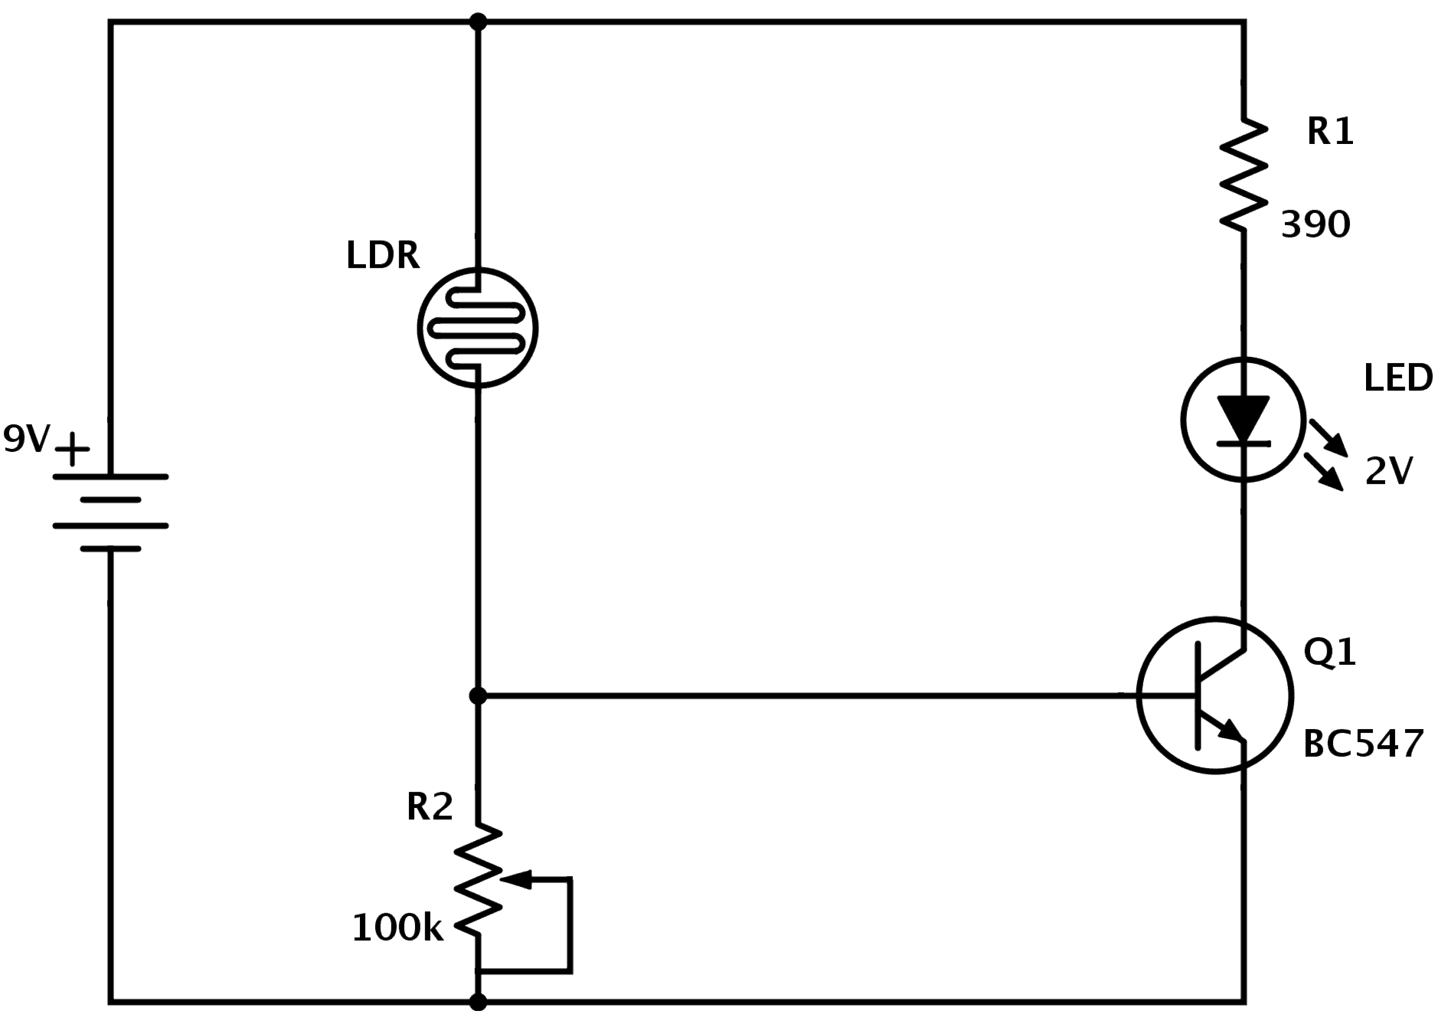 Basic Wiring Diagram - Wiring Diagrams Hubs - Basic Wiring Diagram